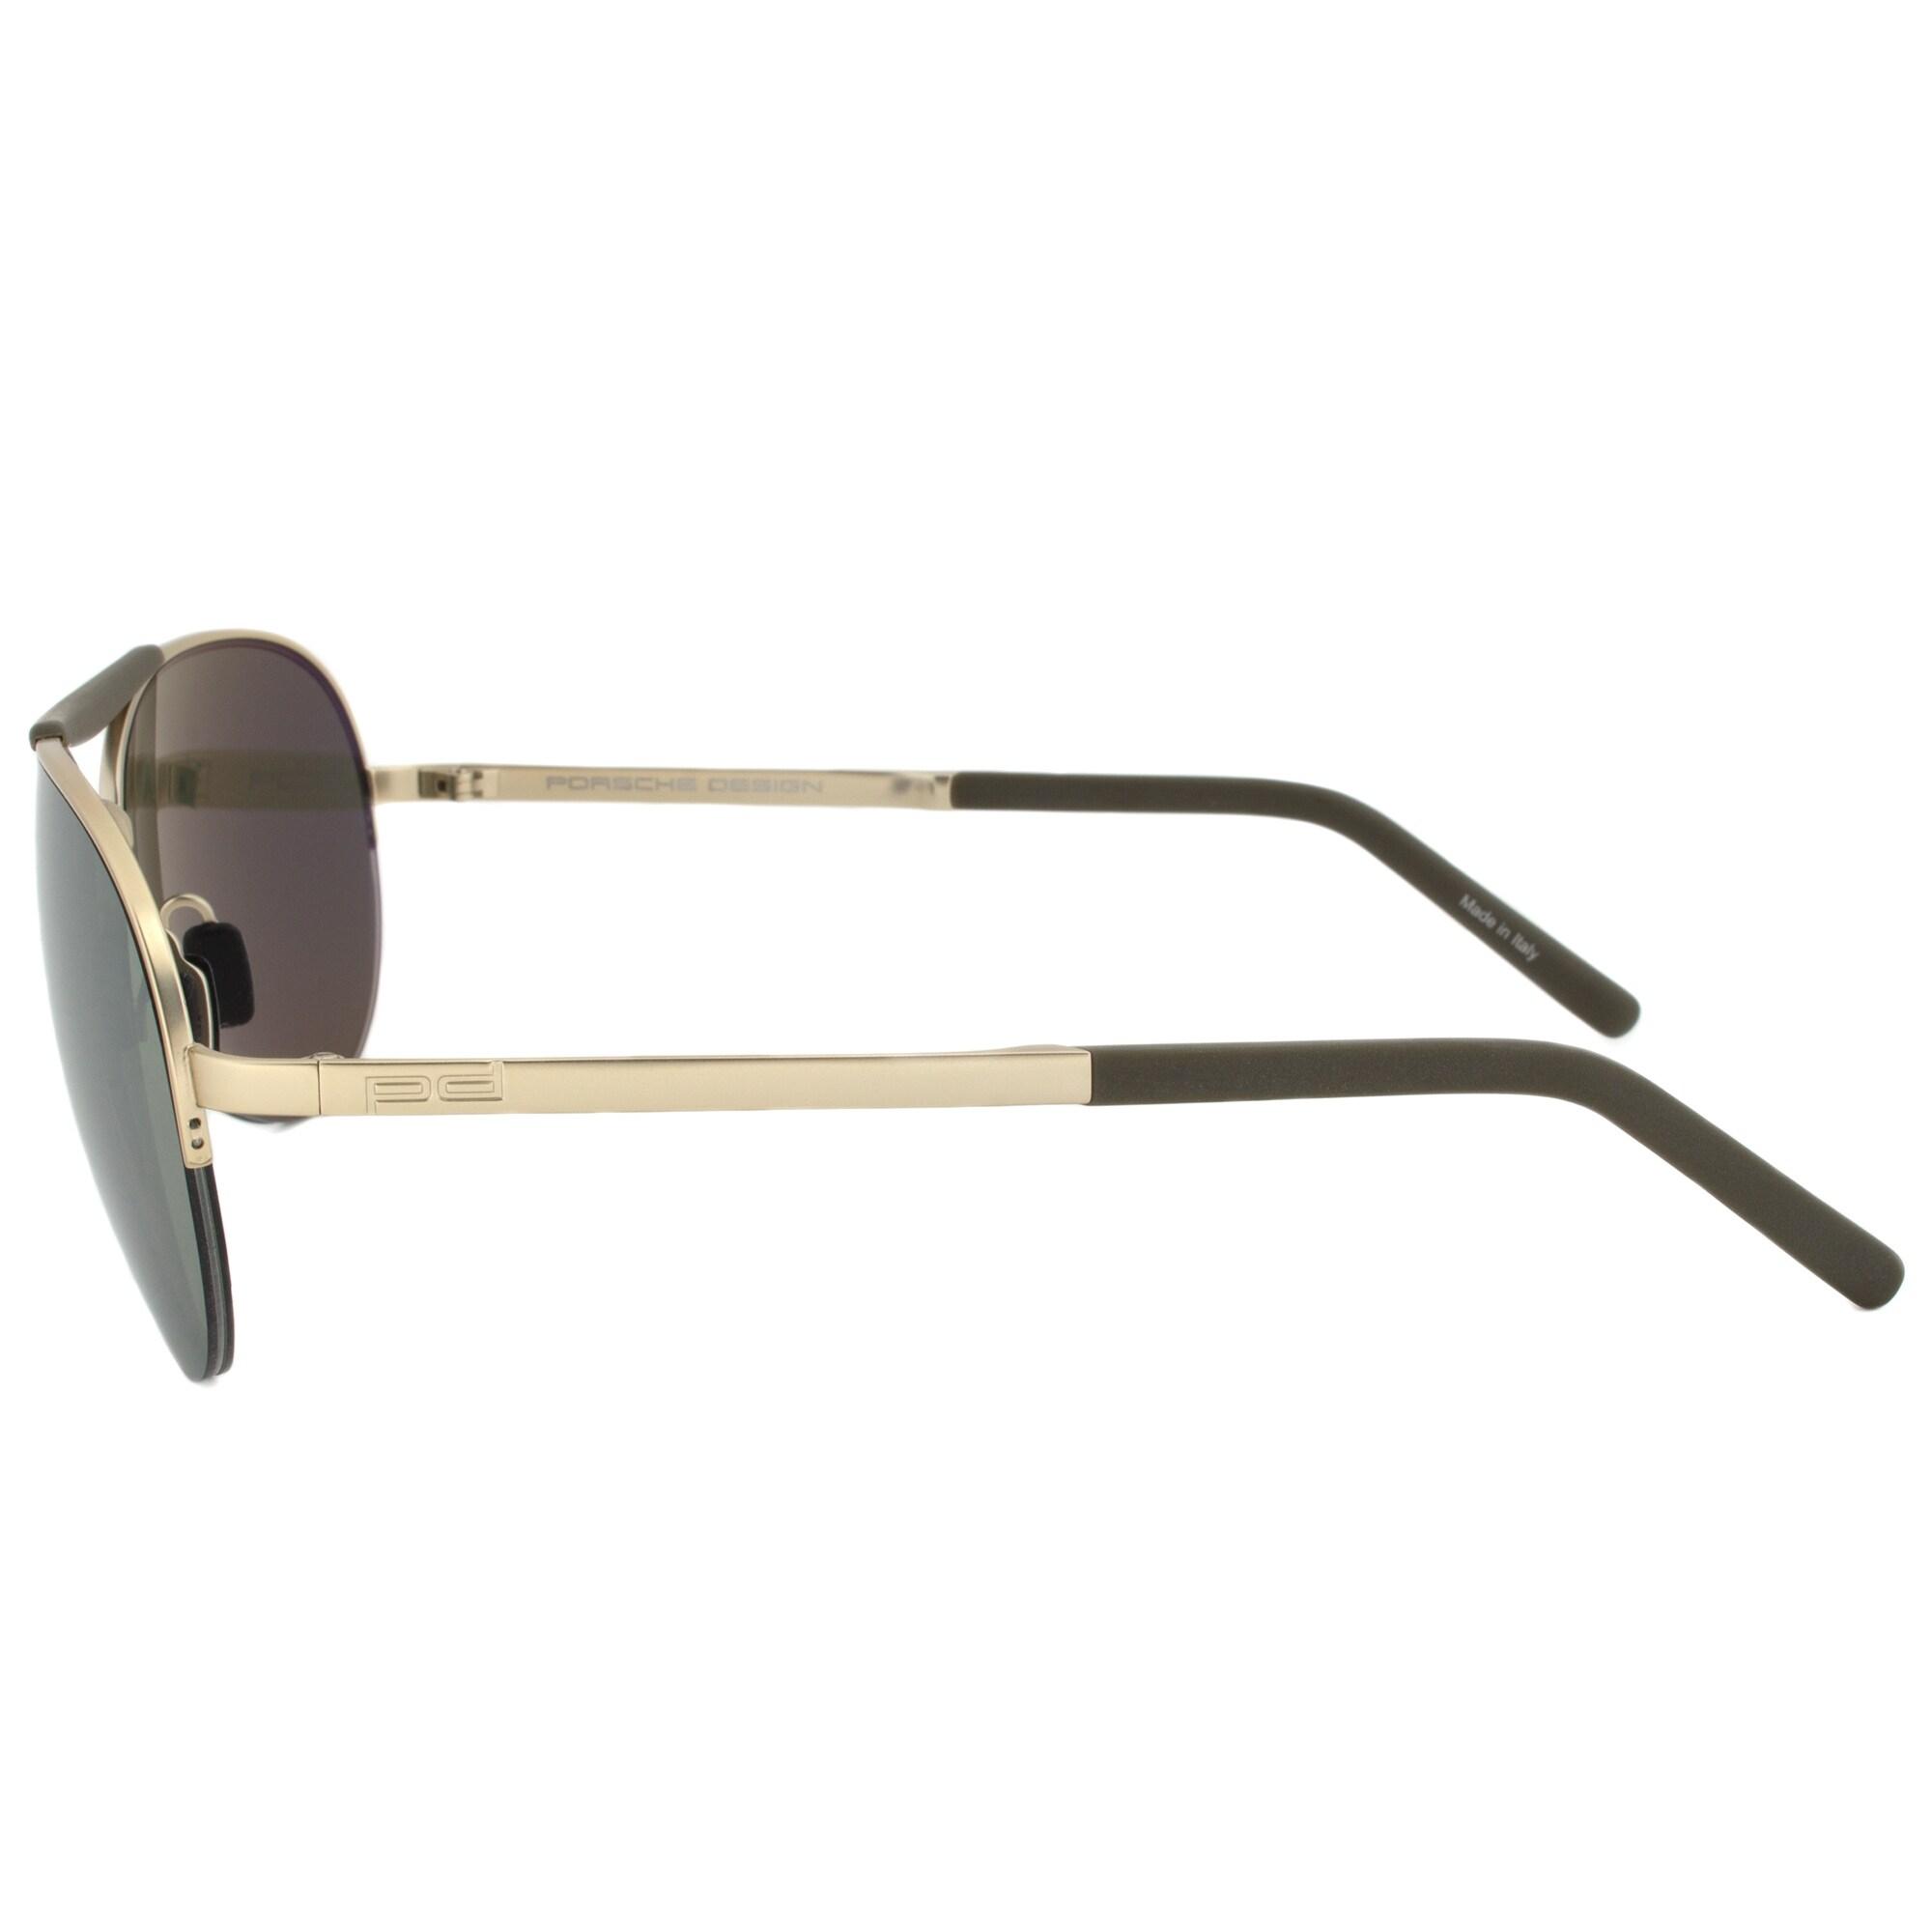 0347f825e26 Shop Porsche Design Design P8540 C Aviator Sunglasses